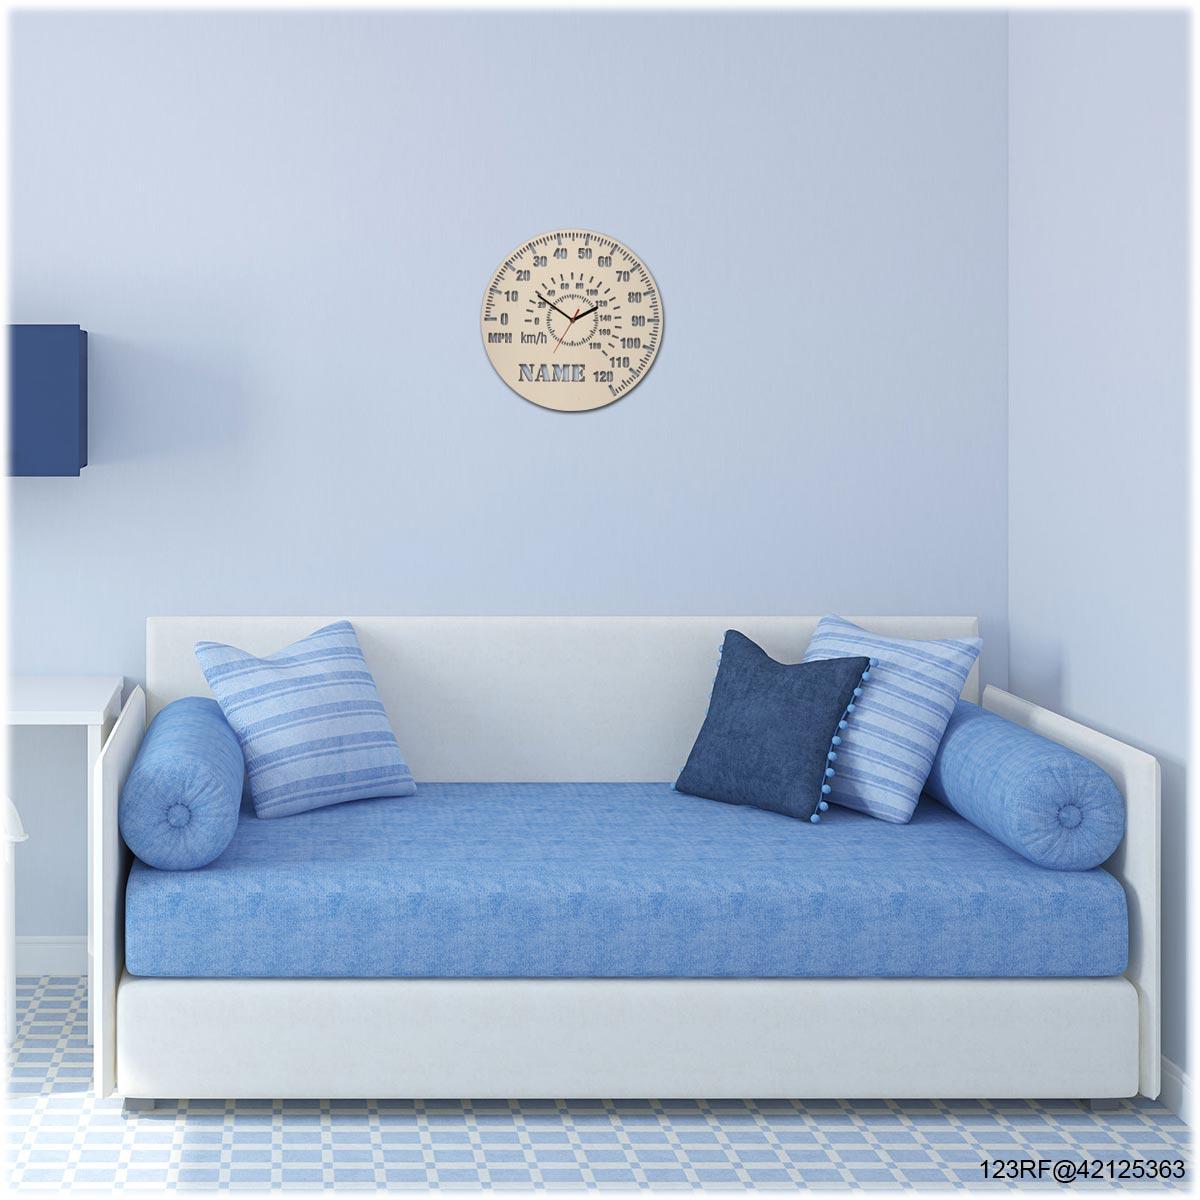 wand uhr kfz tacho geschenke f r autoliebhaber autofahrer autopr fung. Black Bedroom Furniture Sets. Home Design Ideas